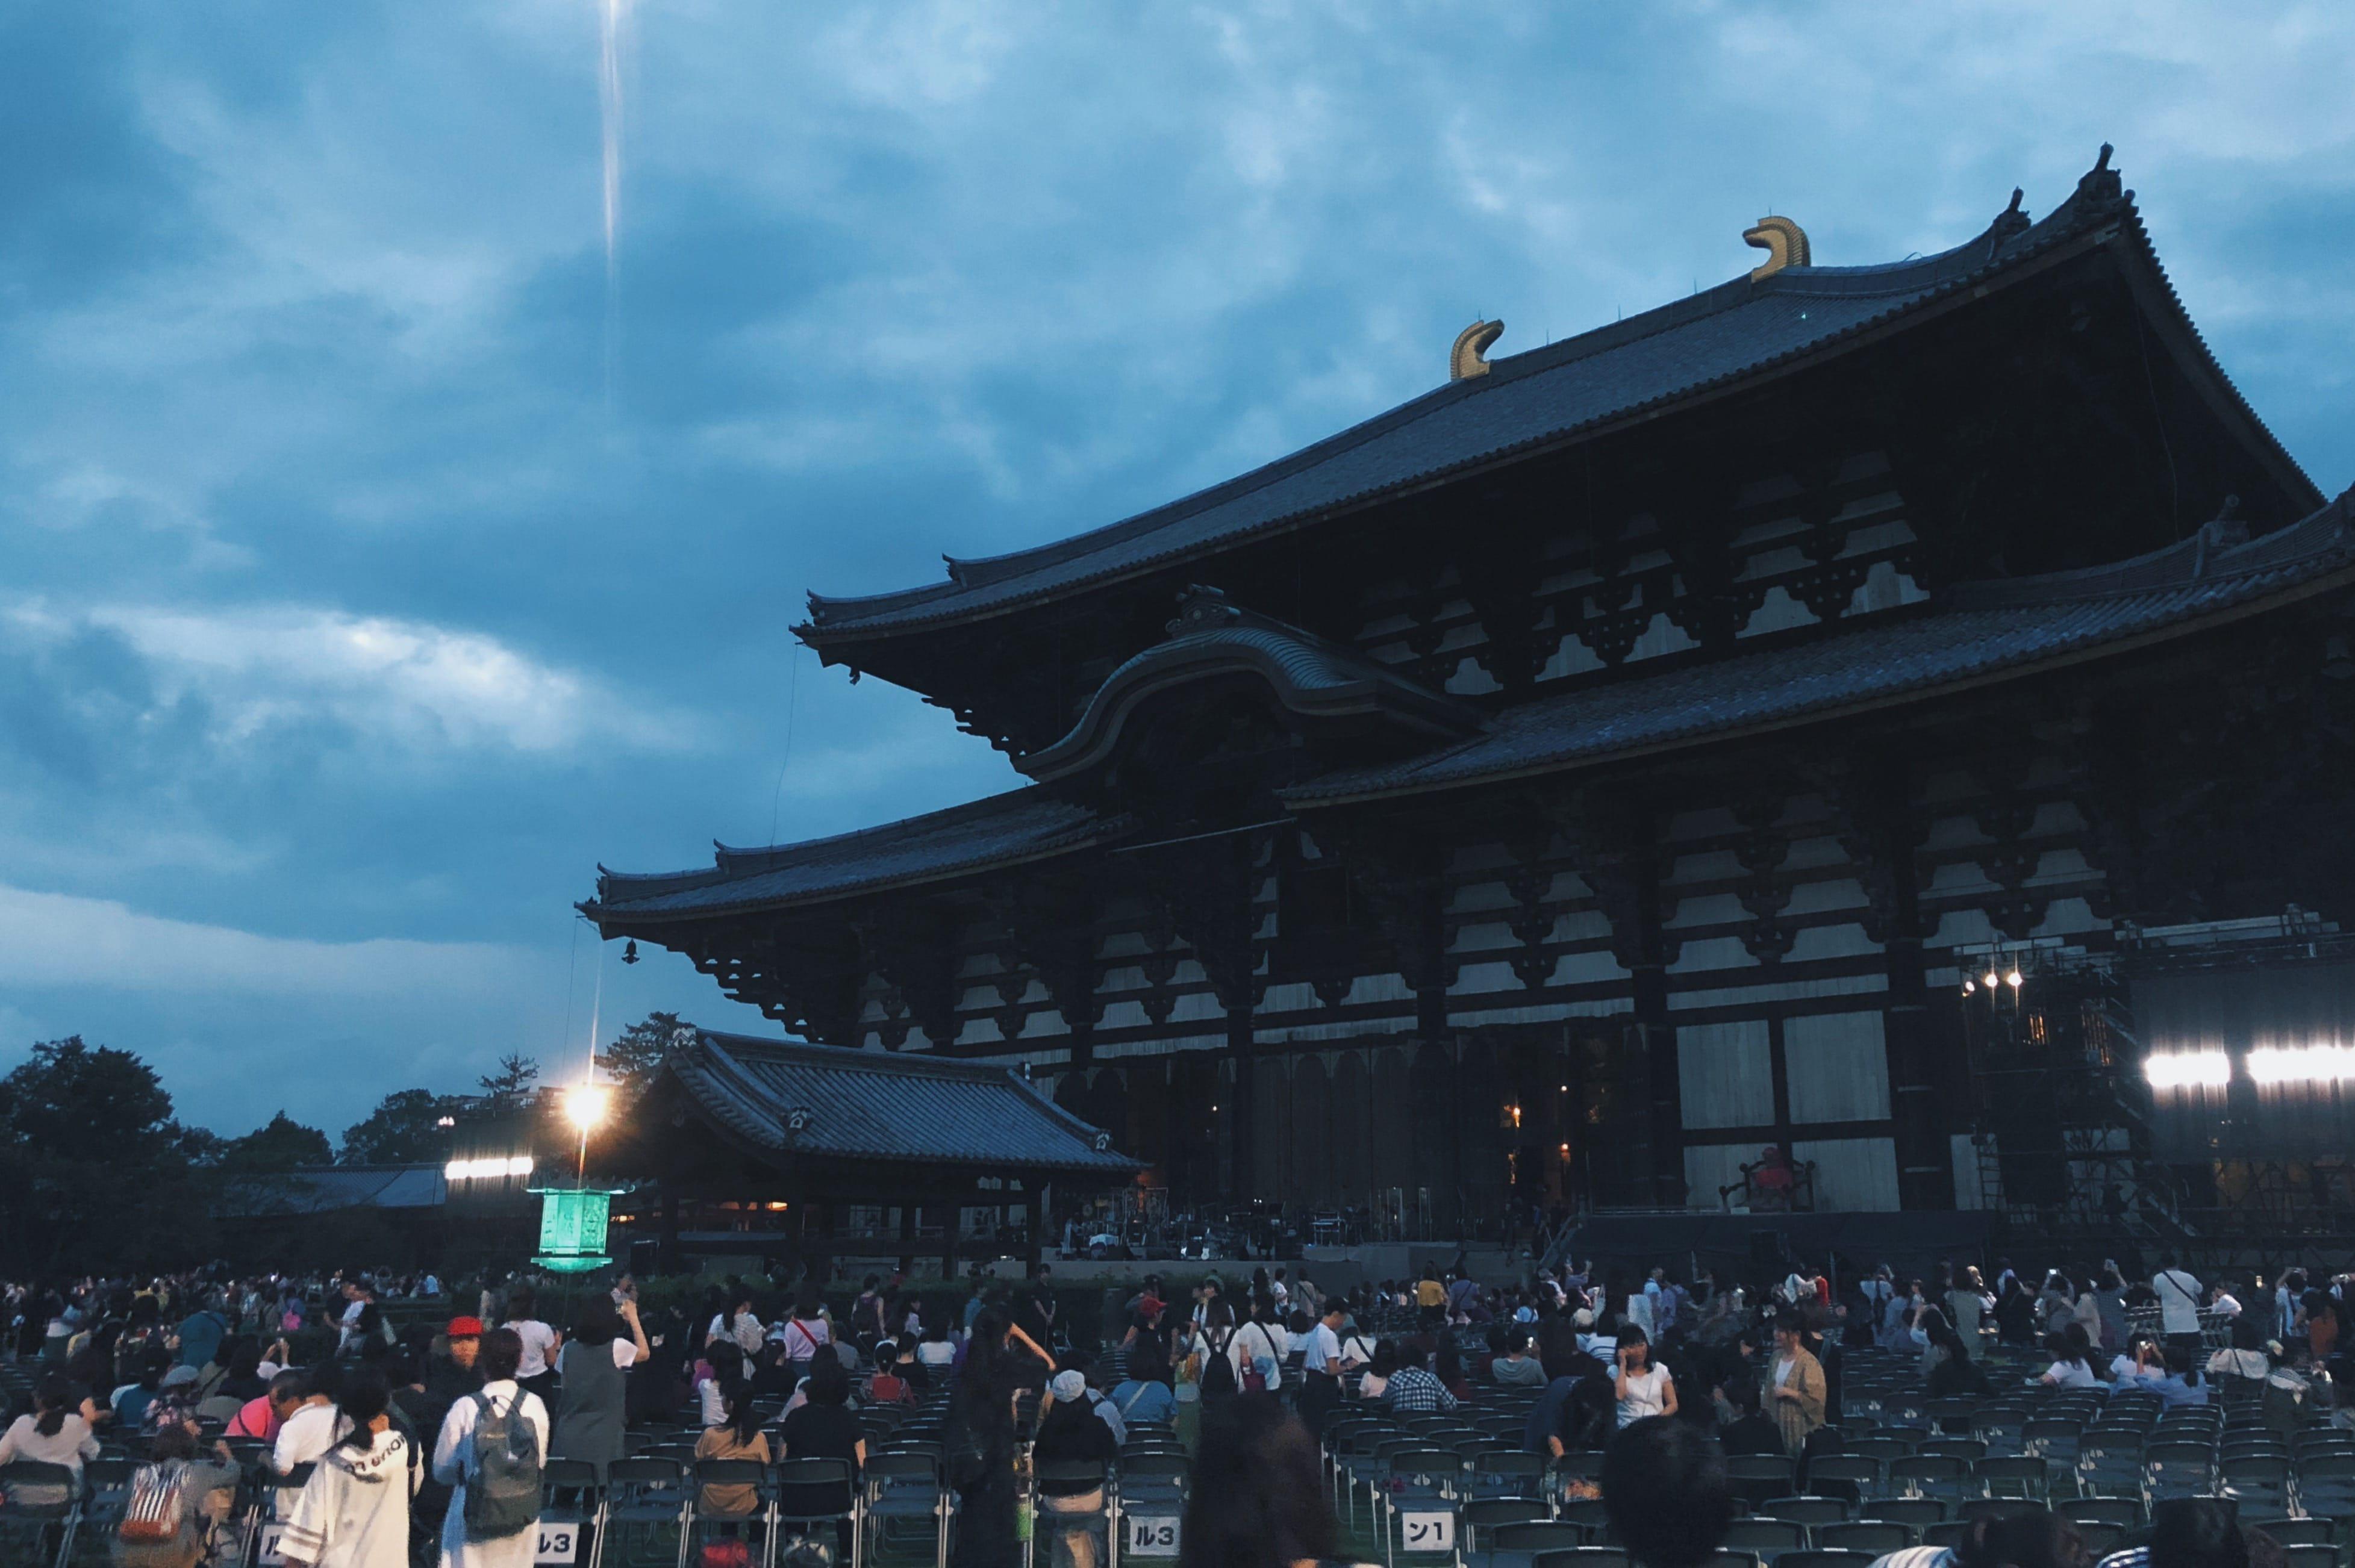 【堂本剛 東大寺奉納LIVE 2018 感想】奈良の空のもと音を鳴らしていたのは、紛れもなく、純粋無垢なギターのおじちゃんだった。